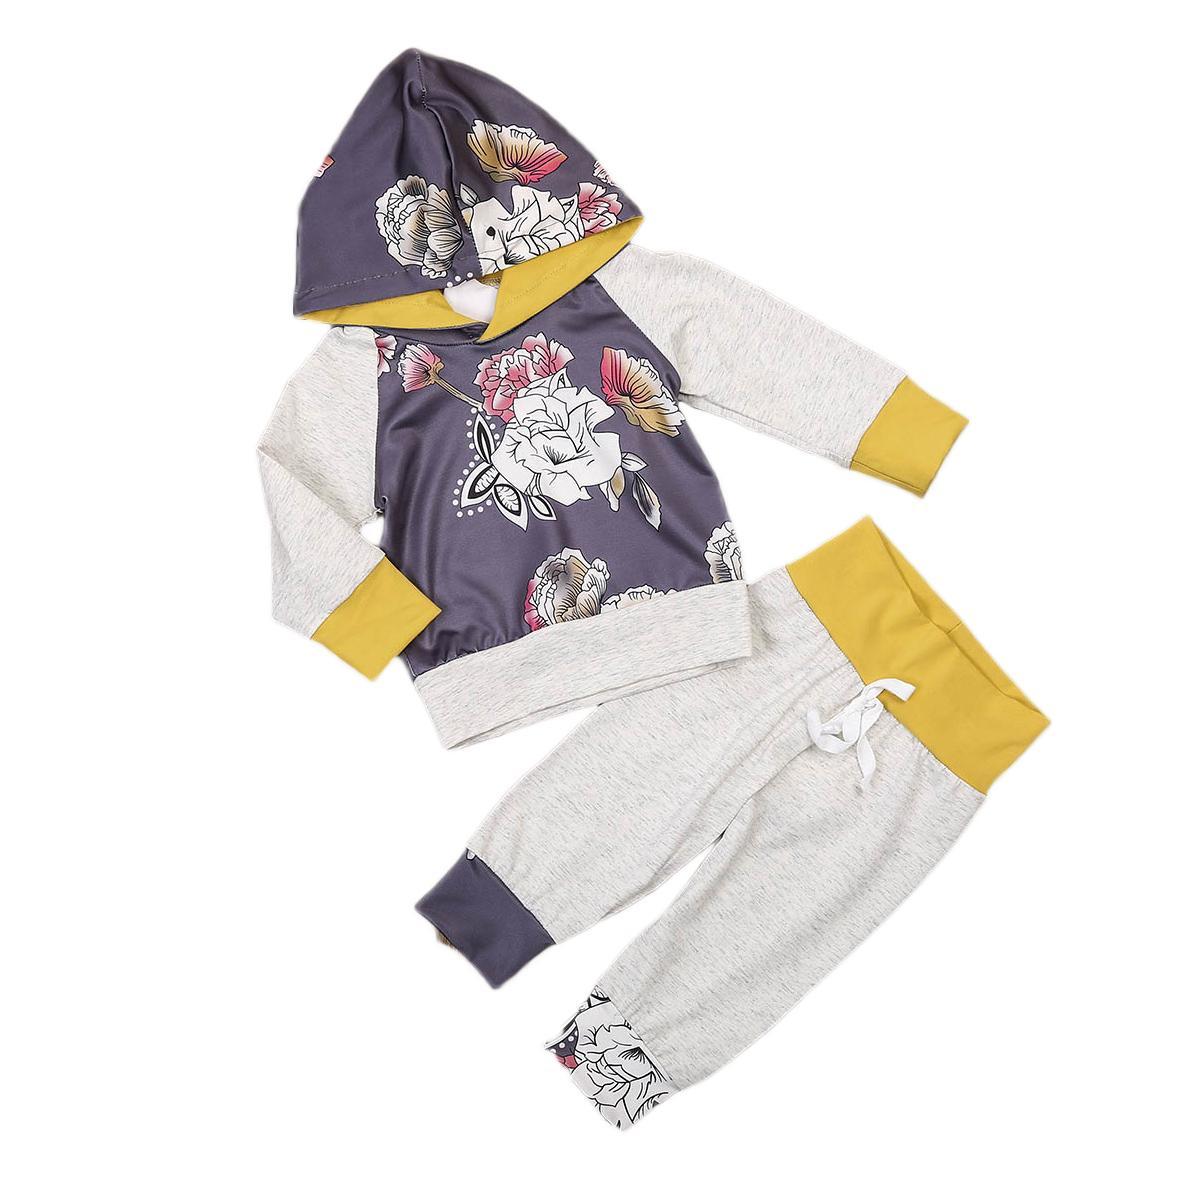 Niño Niños Niños bebés Spring Girl ropa del otoño de la impresión floral de la manga larga con capucha púrpura de la correa larga de color gris pantalones fijaron el equipo de moda